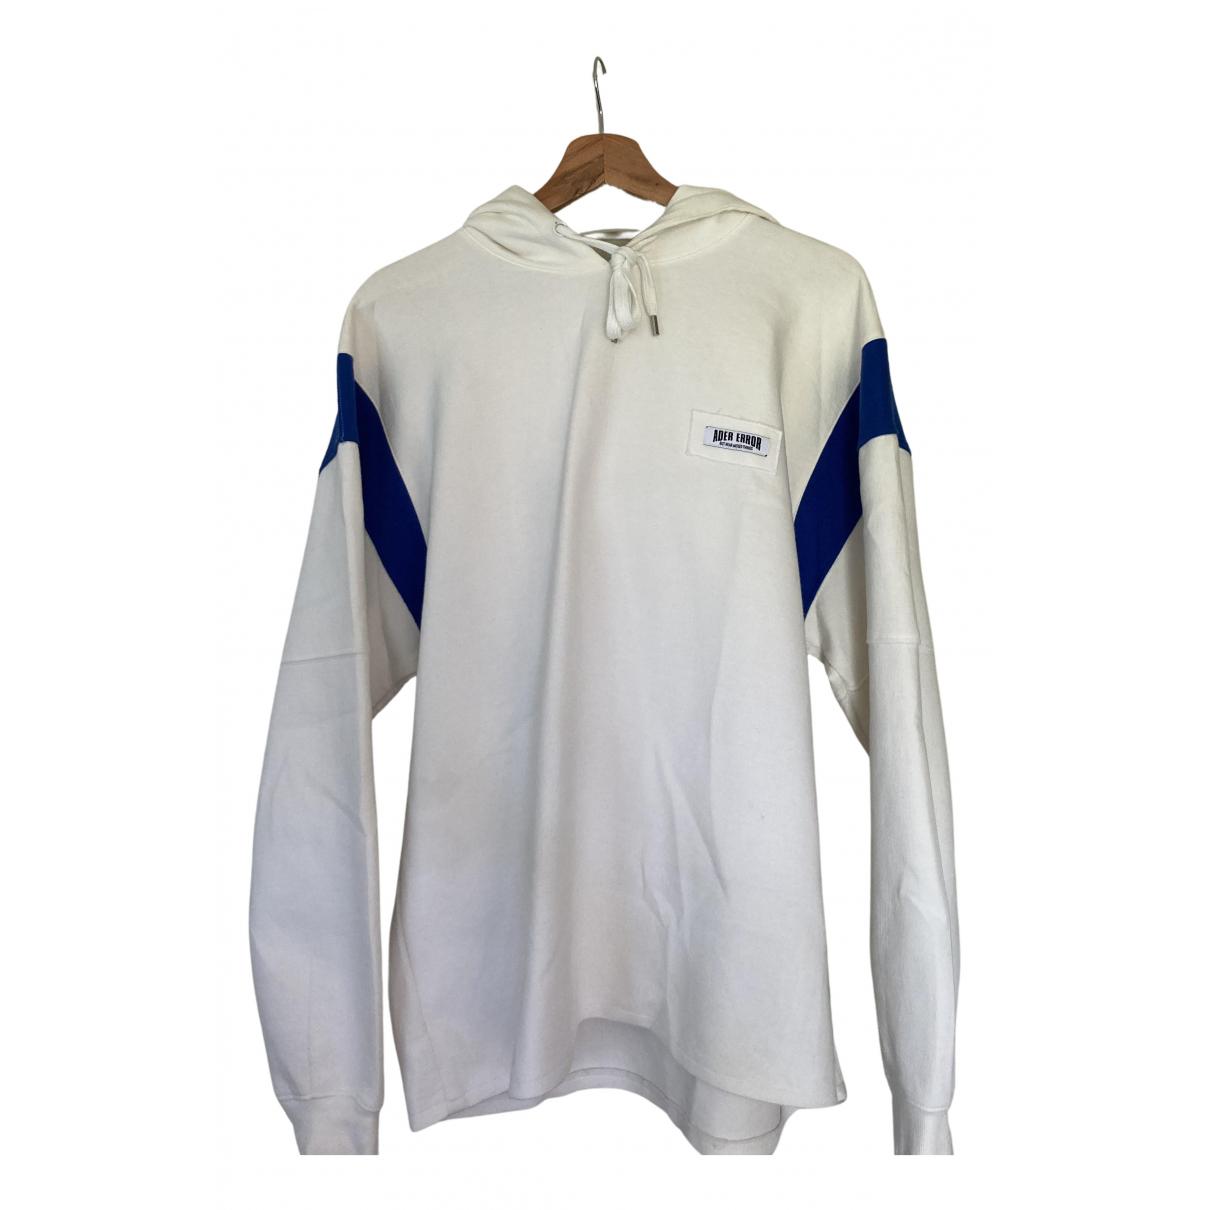 Ader Error blue Cotton Knitwear & Sweatshirts